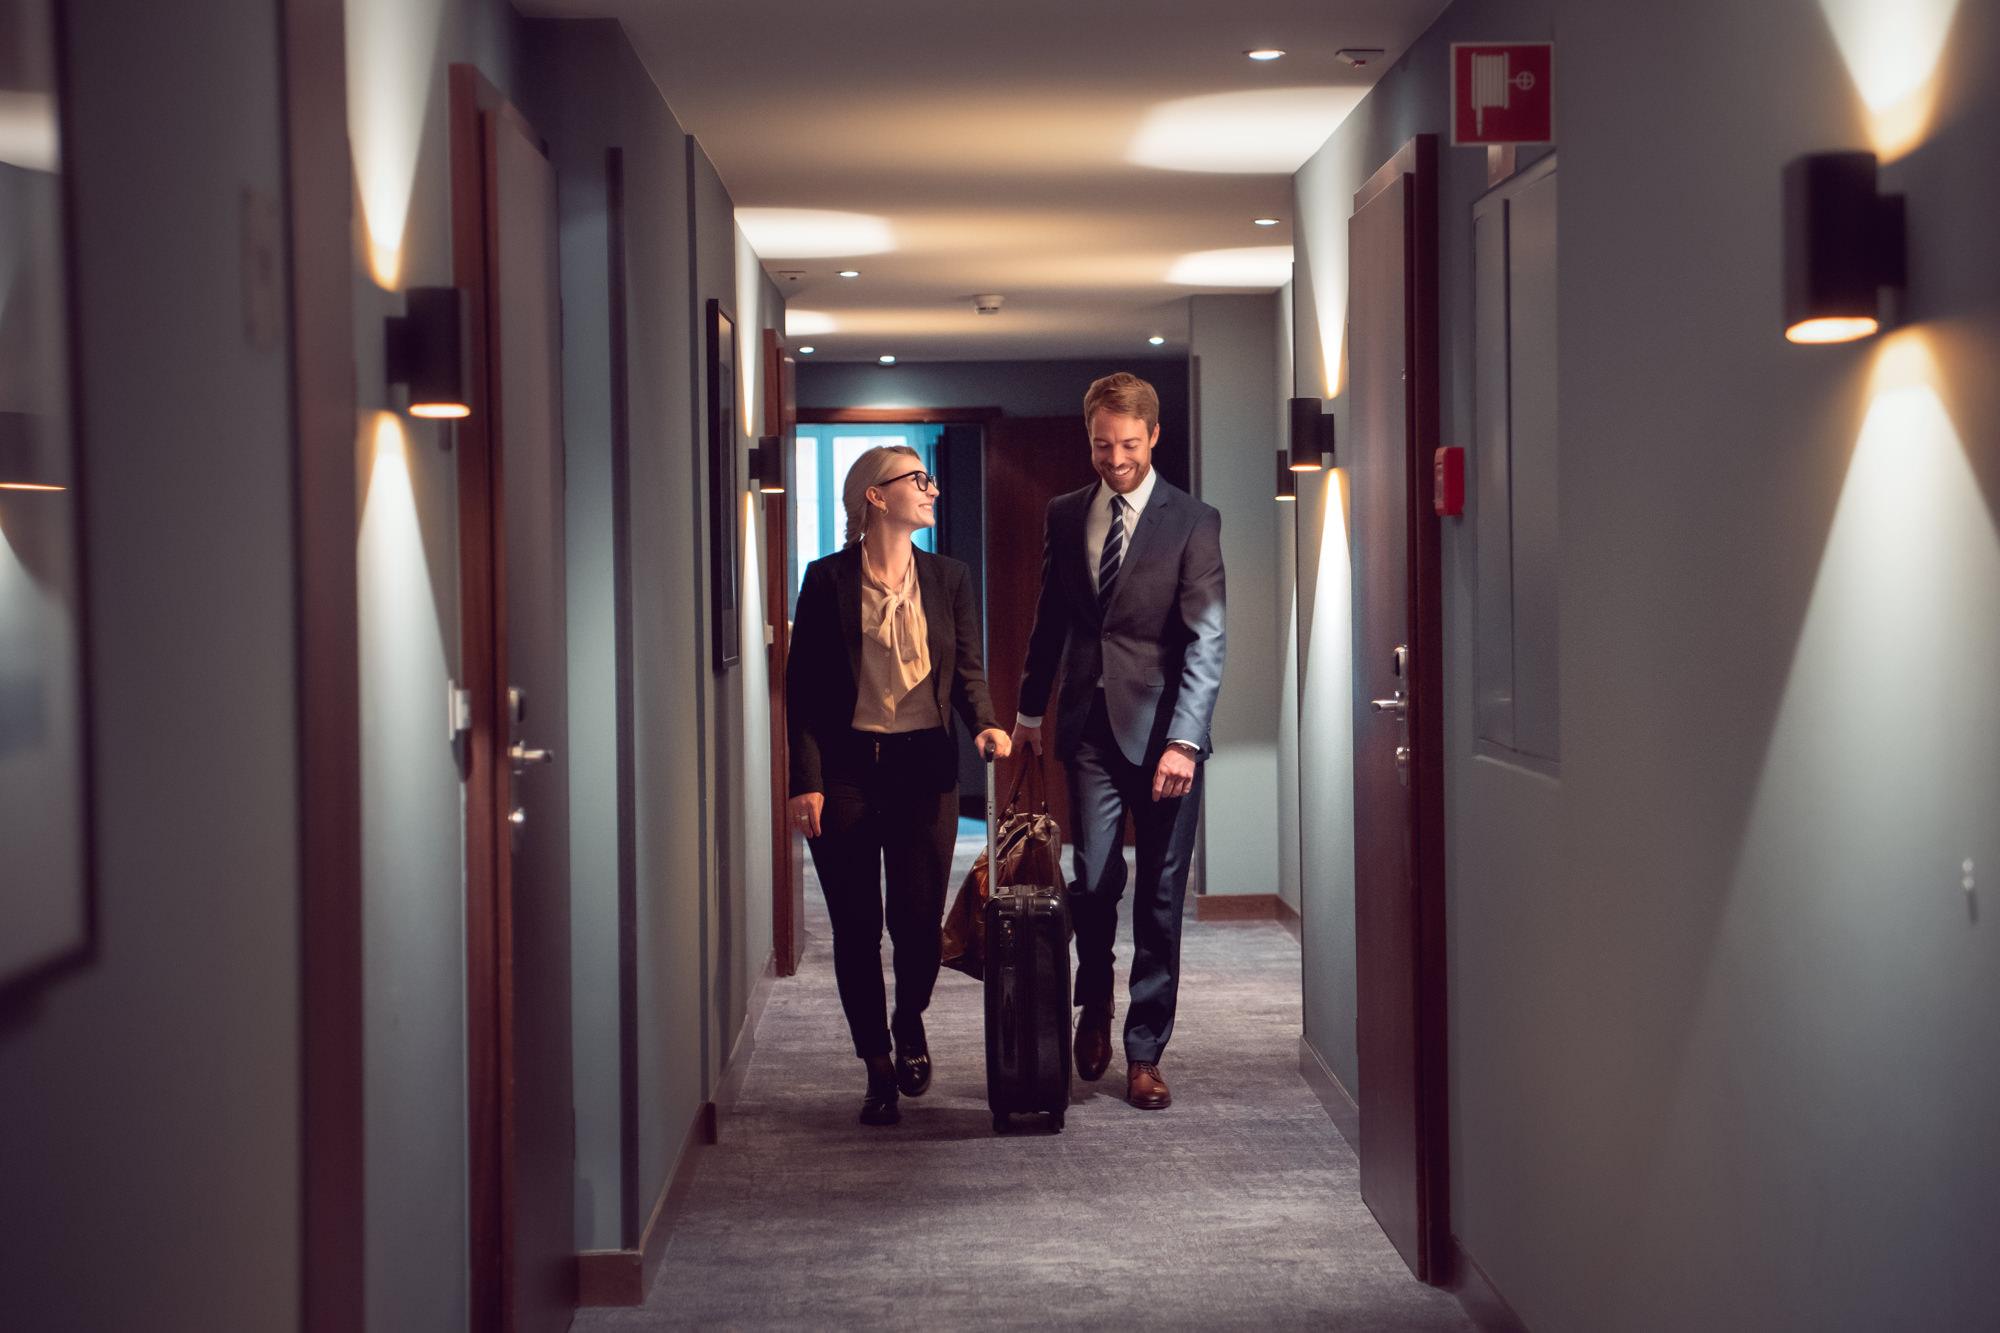 hotellerie_suisse16.jpg